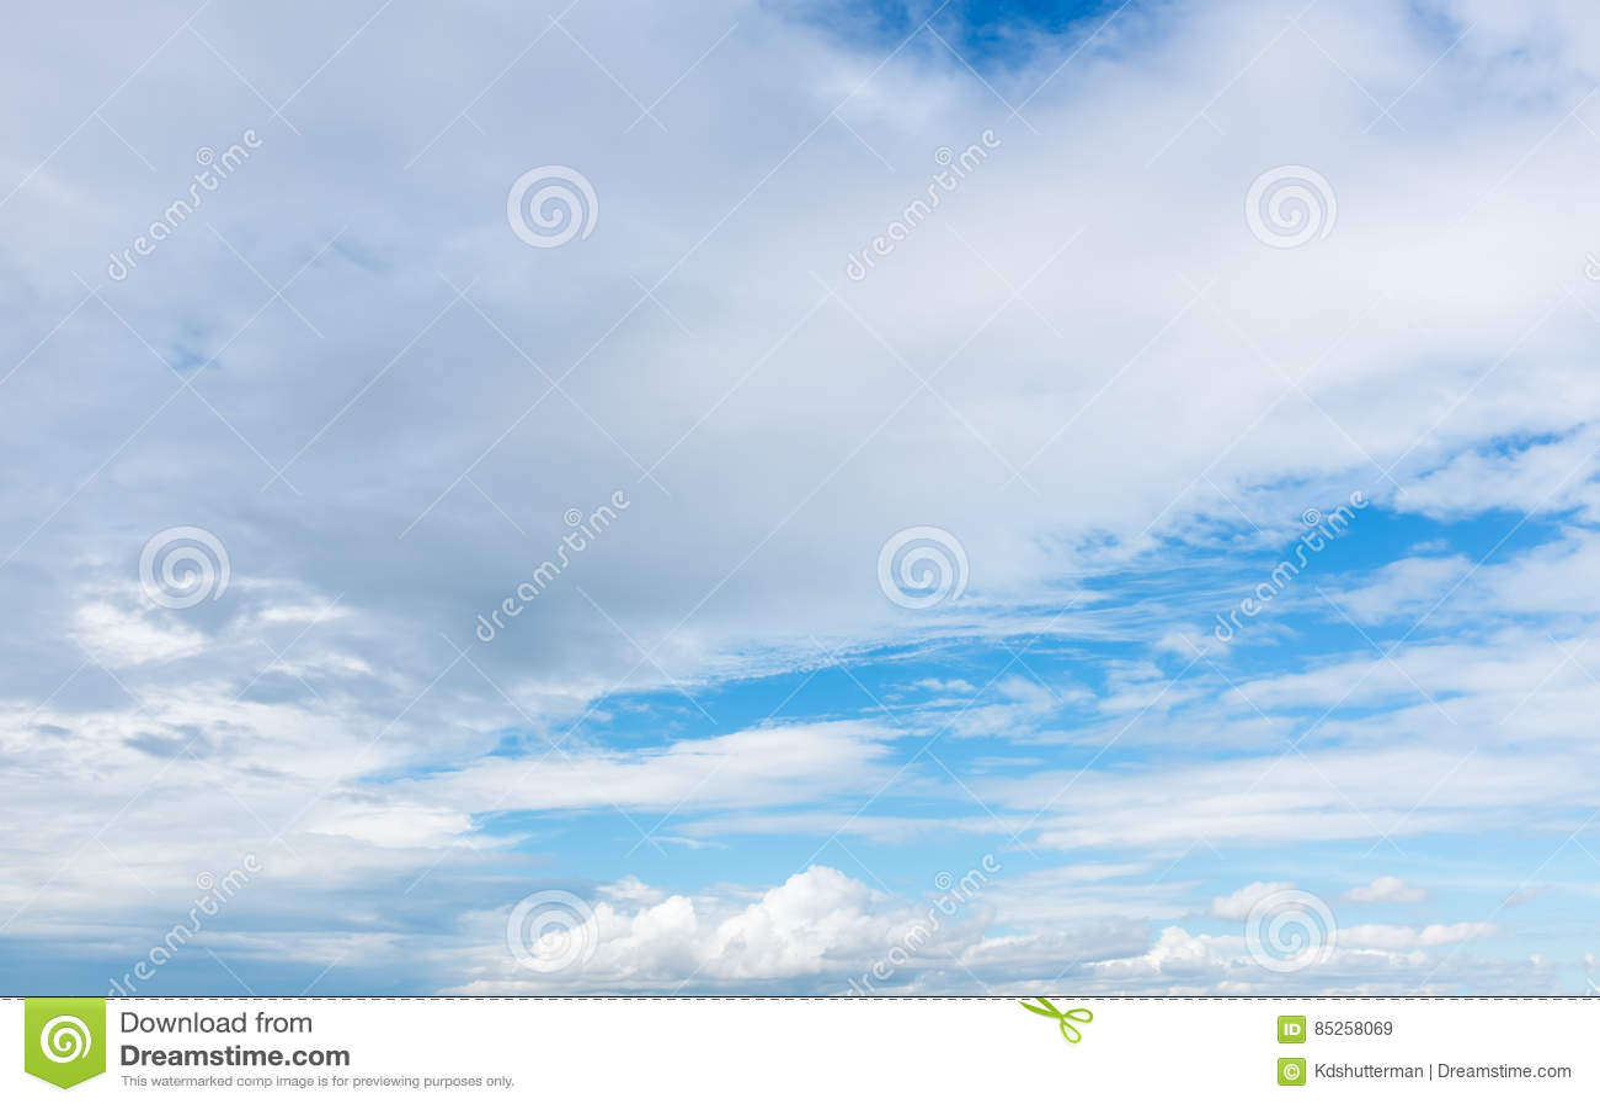 Piękny niebieskie niebo z chmurnym w kontekście niebieskie chmury odpowiadają trawy zielone niebo białe wispy natury _